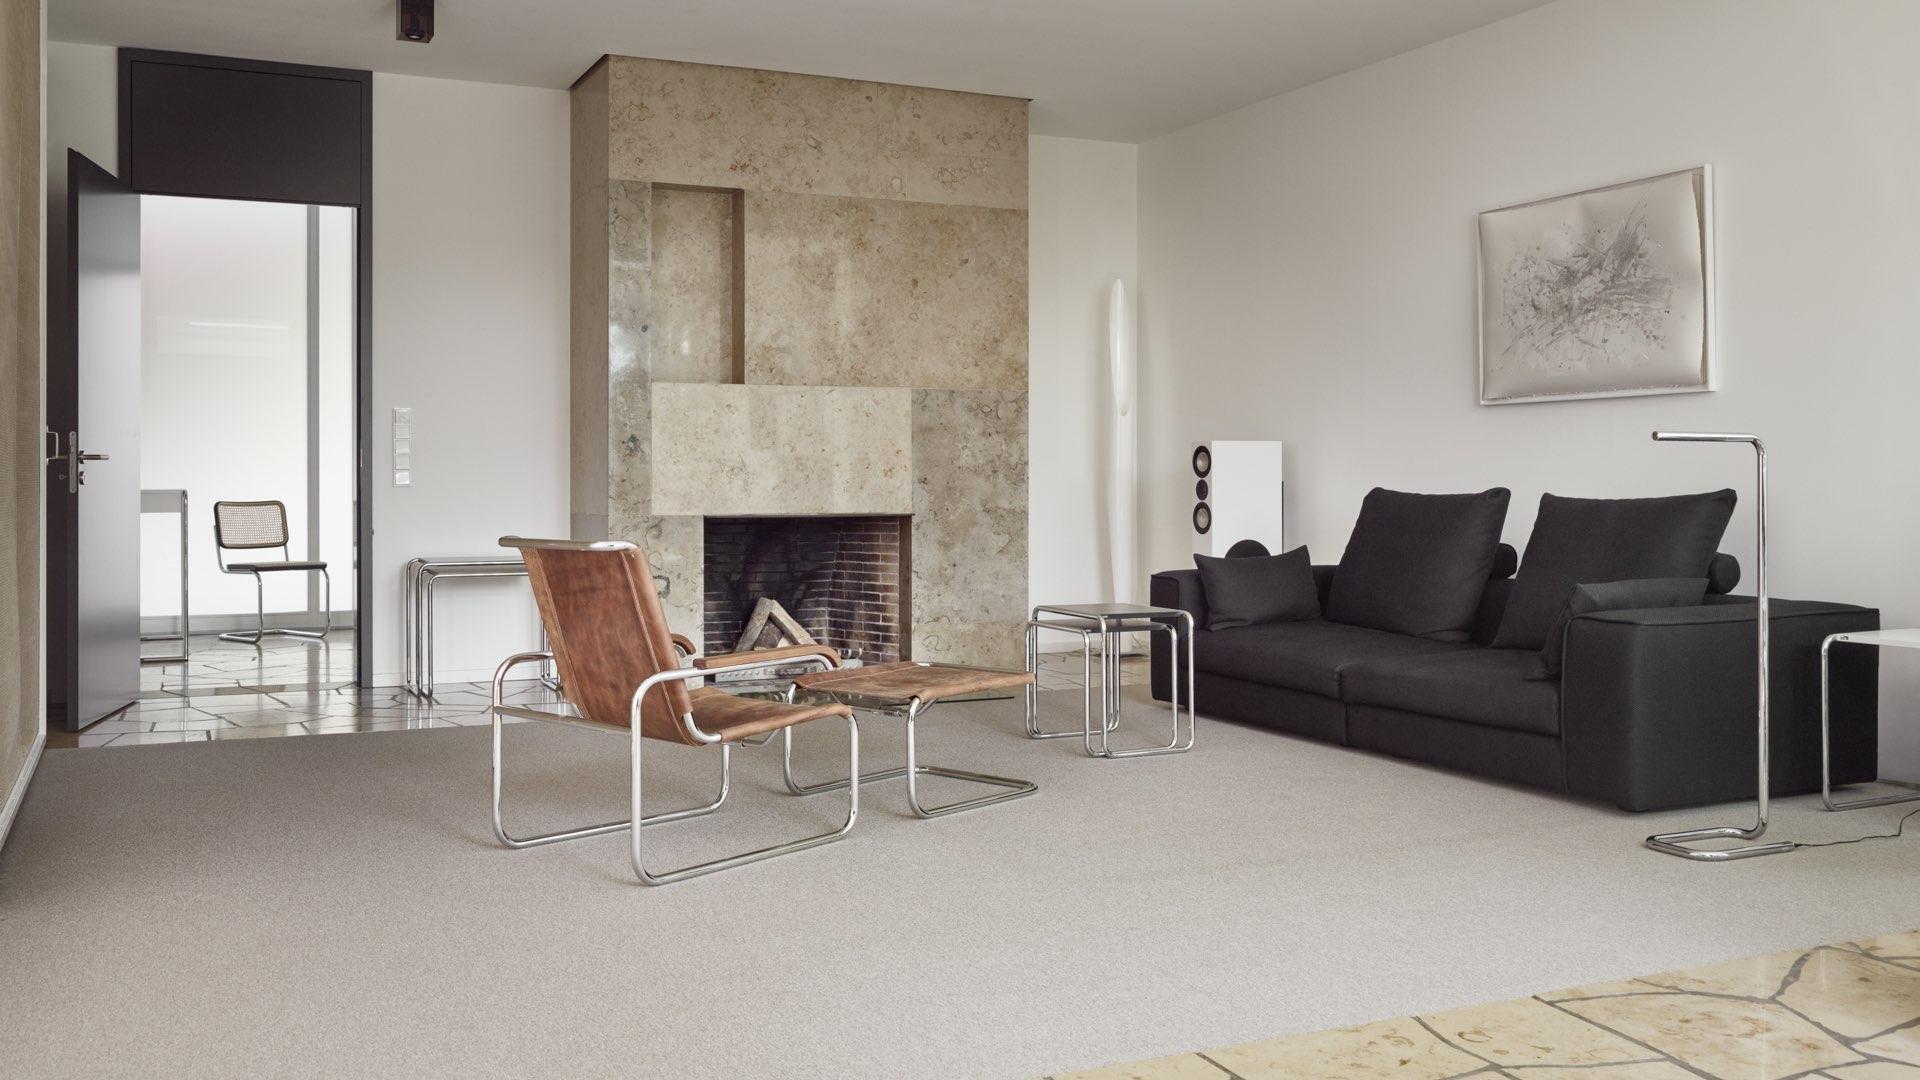 thonetshop thonet b 9 a d set beistelltische schwarz ral. Black Bedroom Furniture Sets. Home Design Ideas